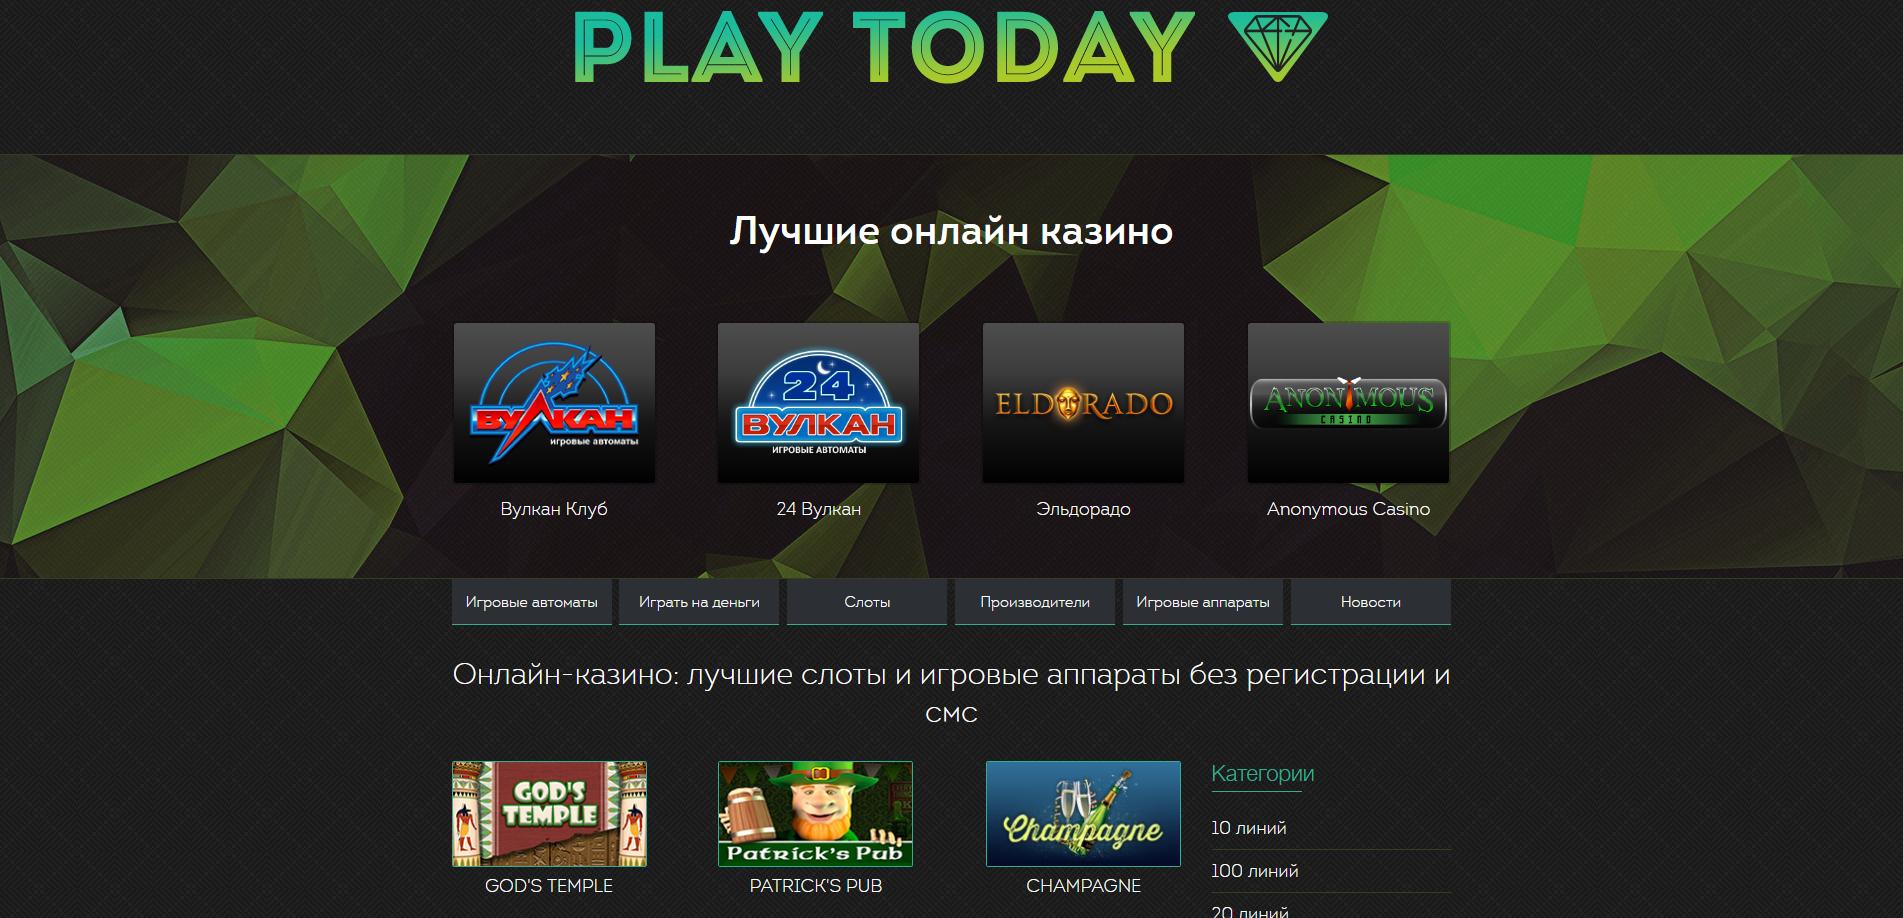 Регистрационный бездепозитный бонус в онлайн казино